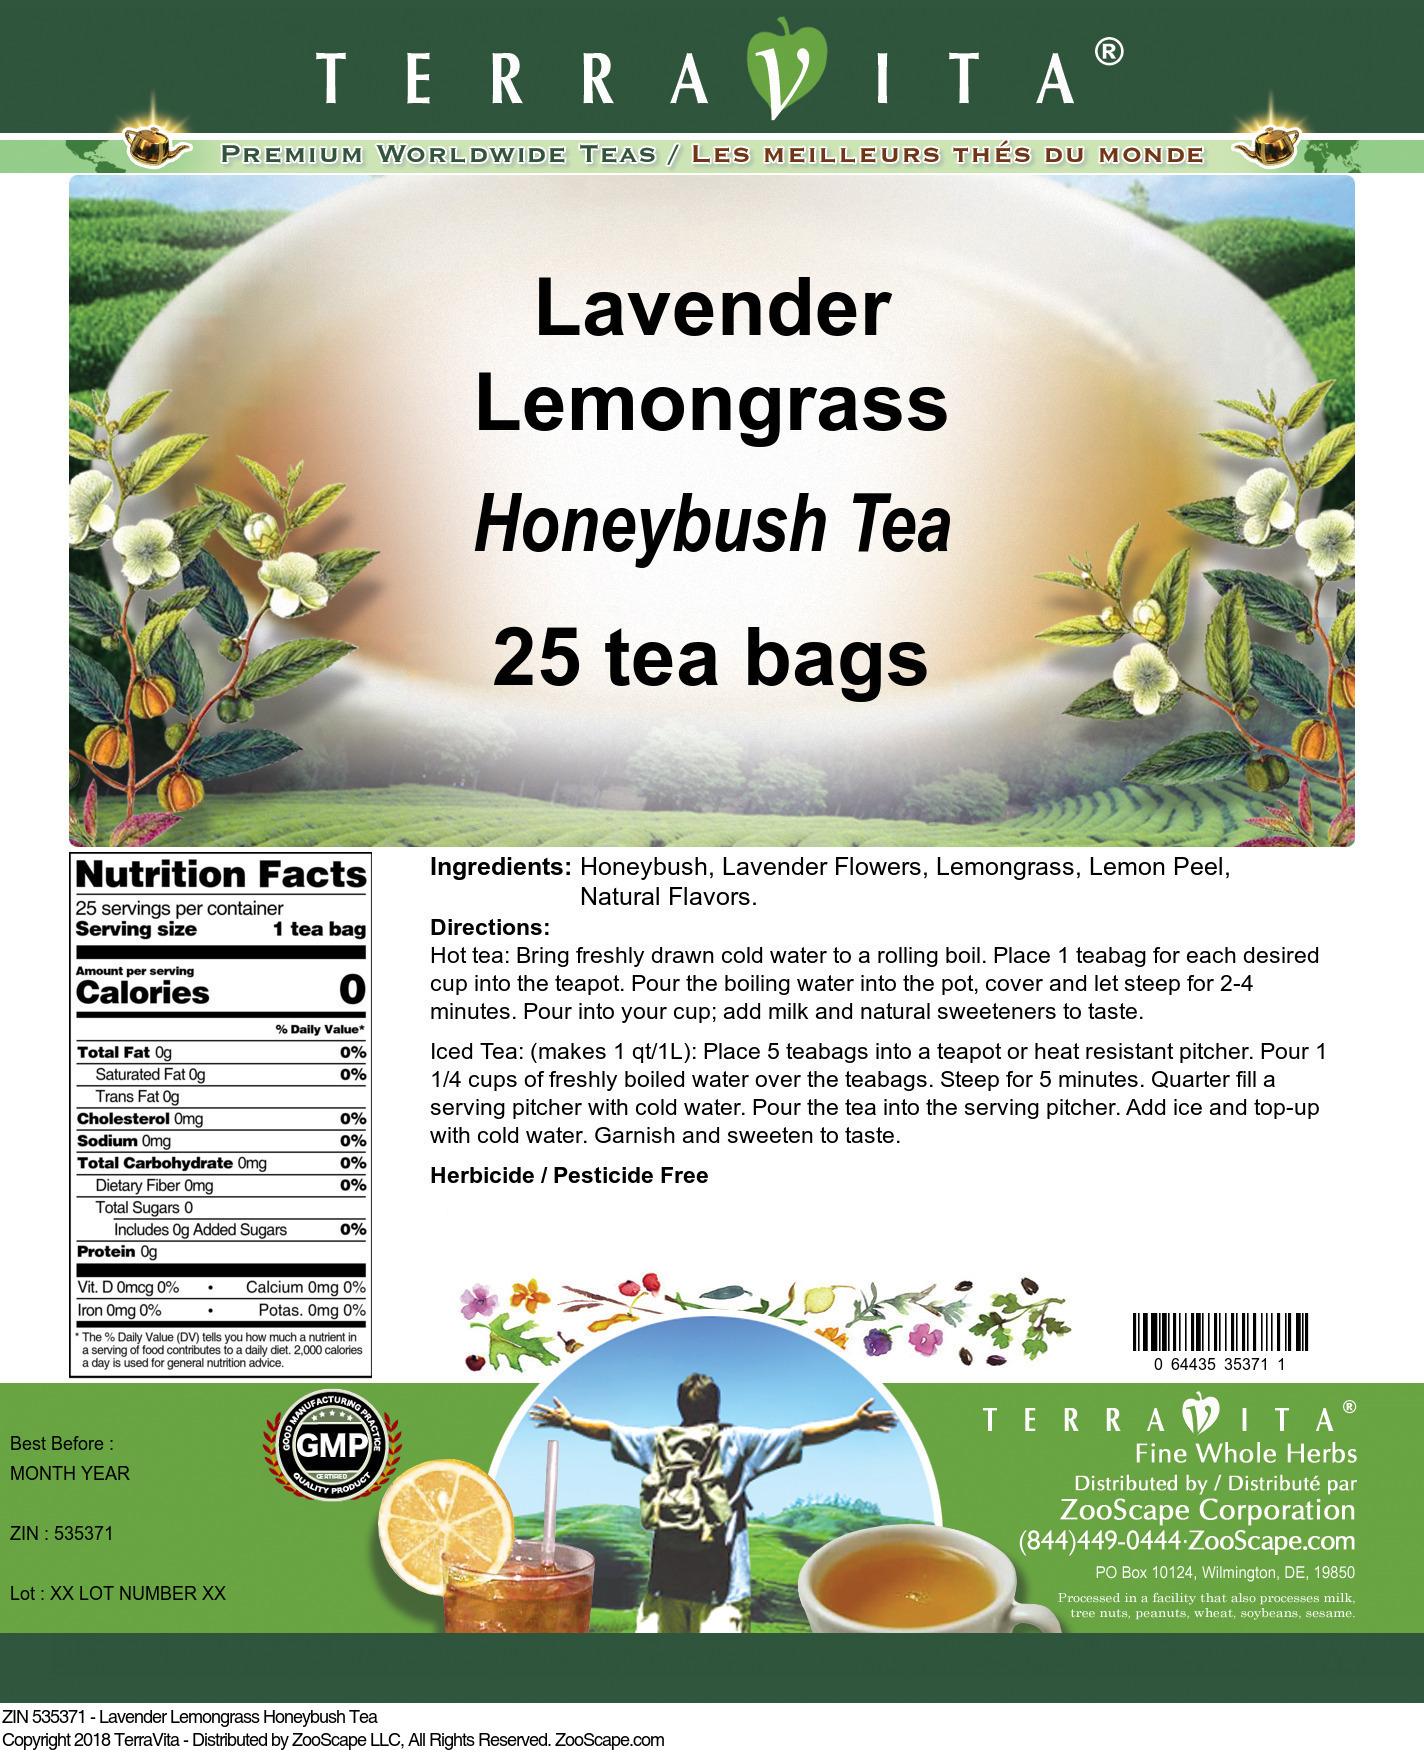 Lavender Lemongrass Honeybush Tea